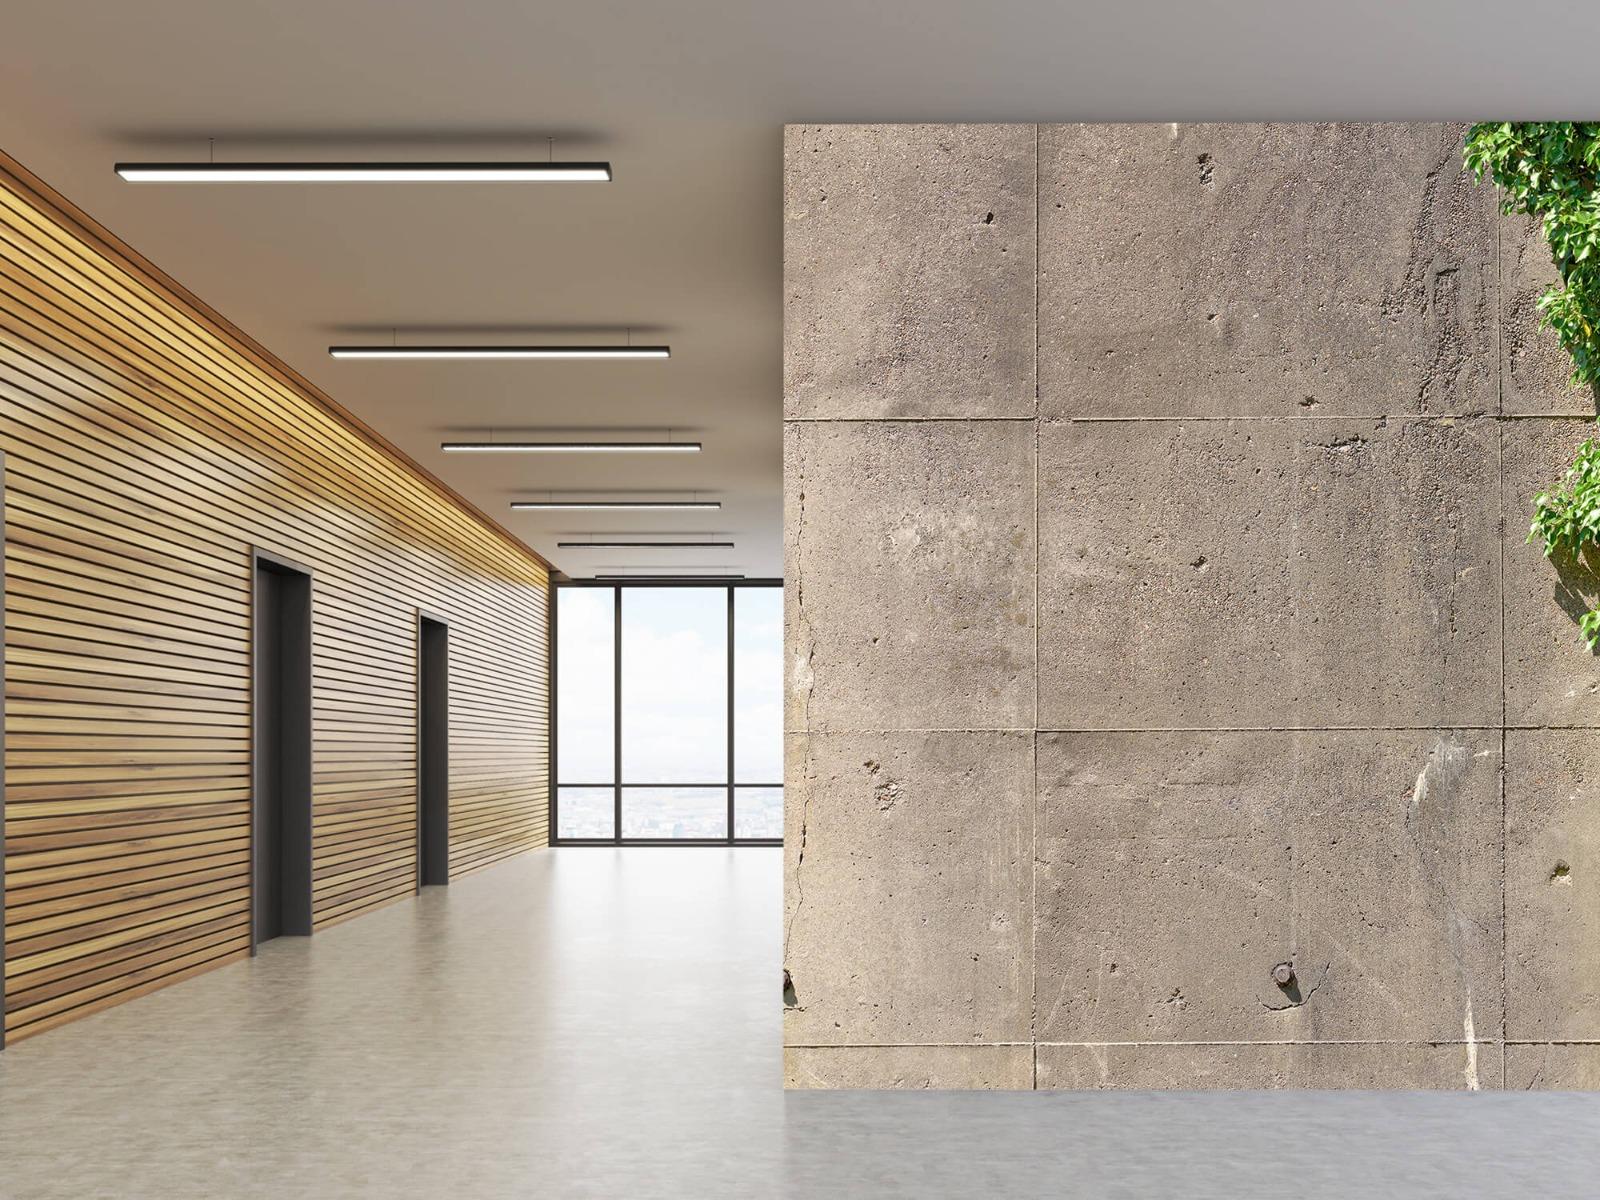 Betonlook behang - Beton met struik - Wallexclusive - Woonkamer 5